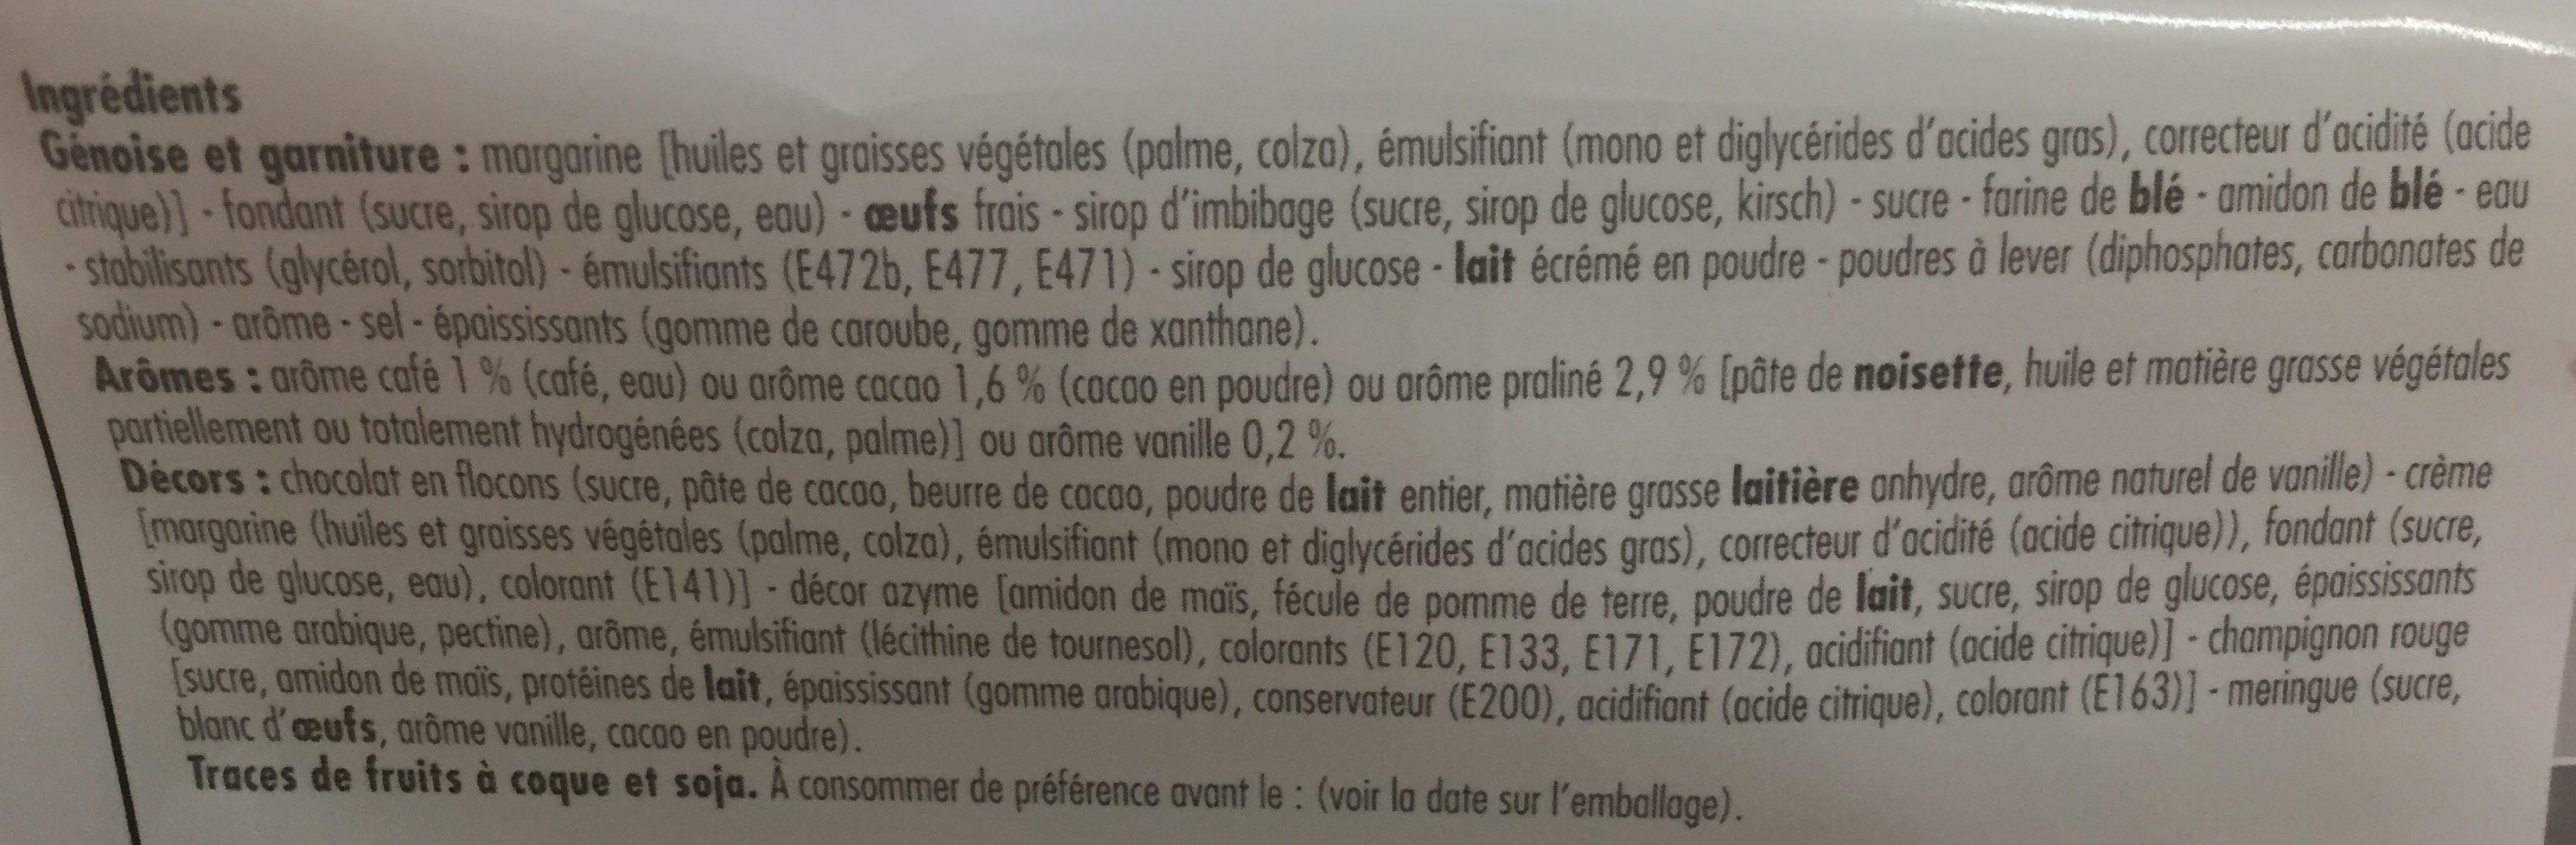 La Bûche pâtissière parfum vanille - Ingredients